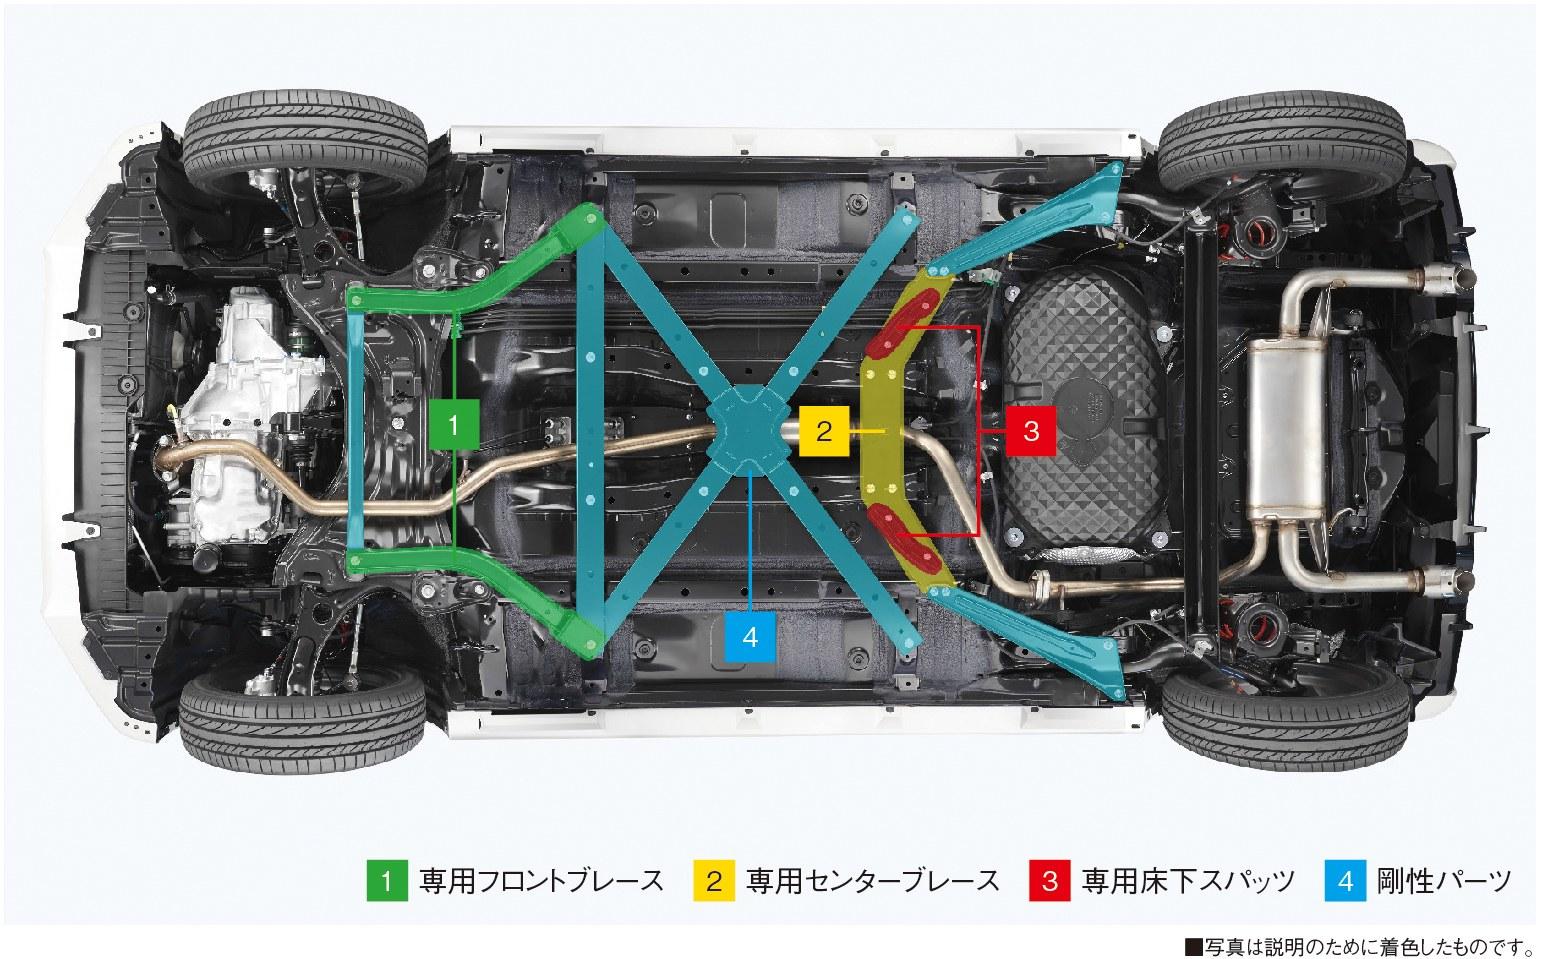 コペンの走りがトヨタで変わる!? コペン GR スポーツ登場!